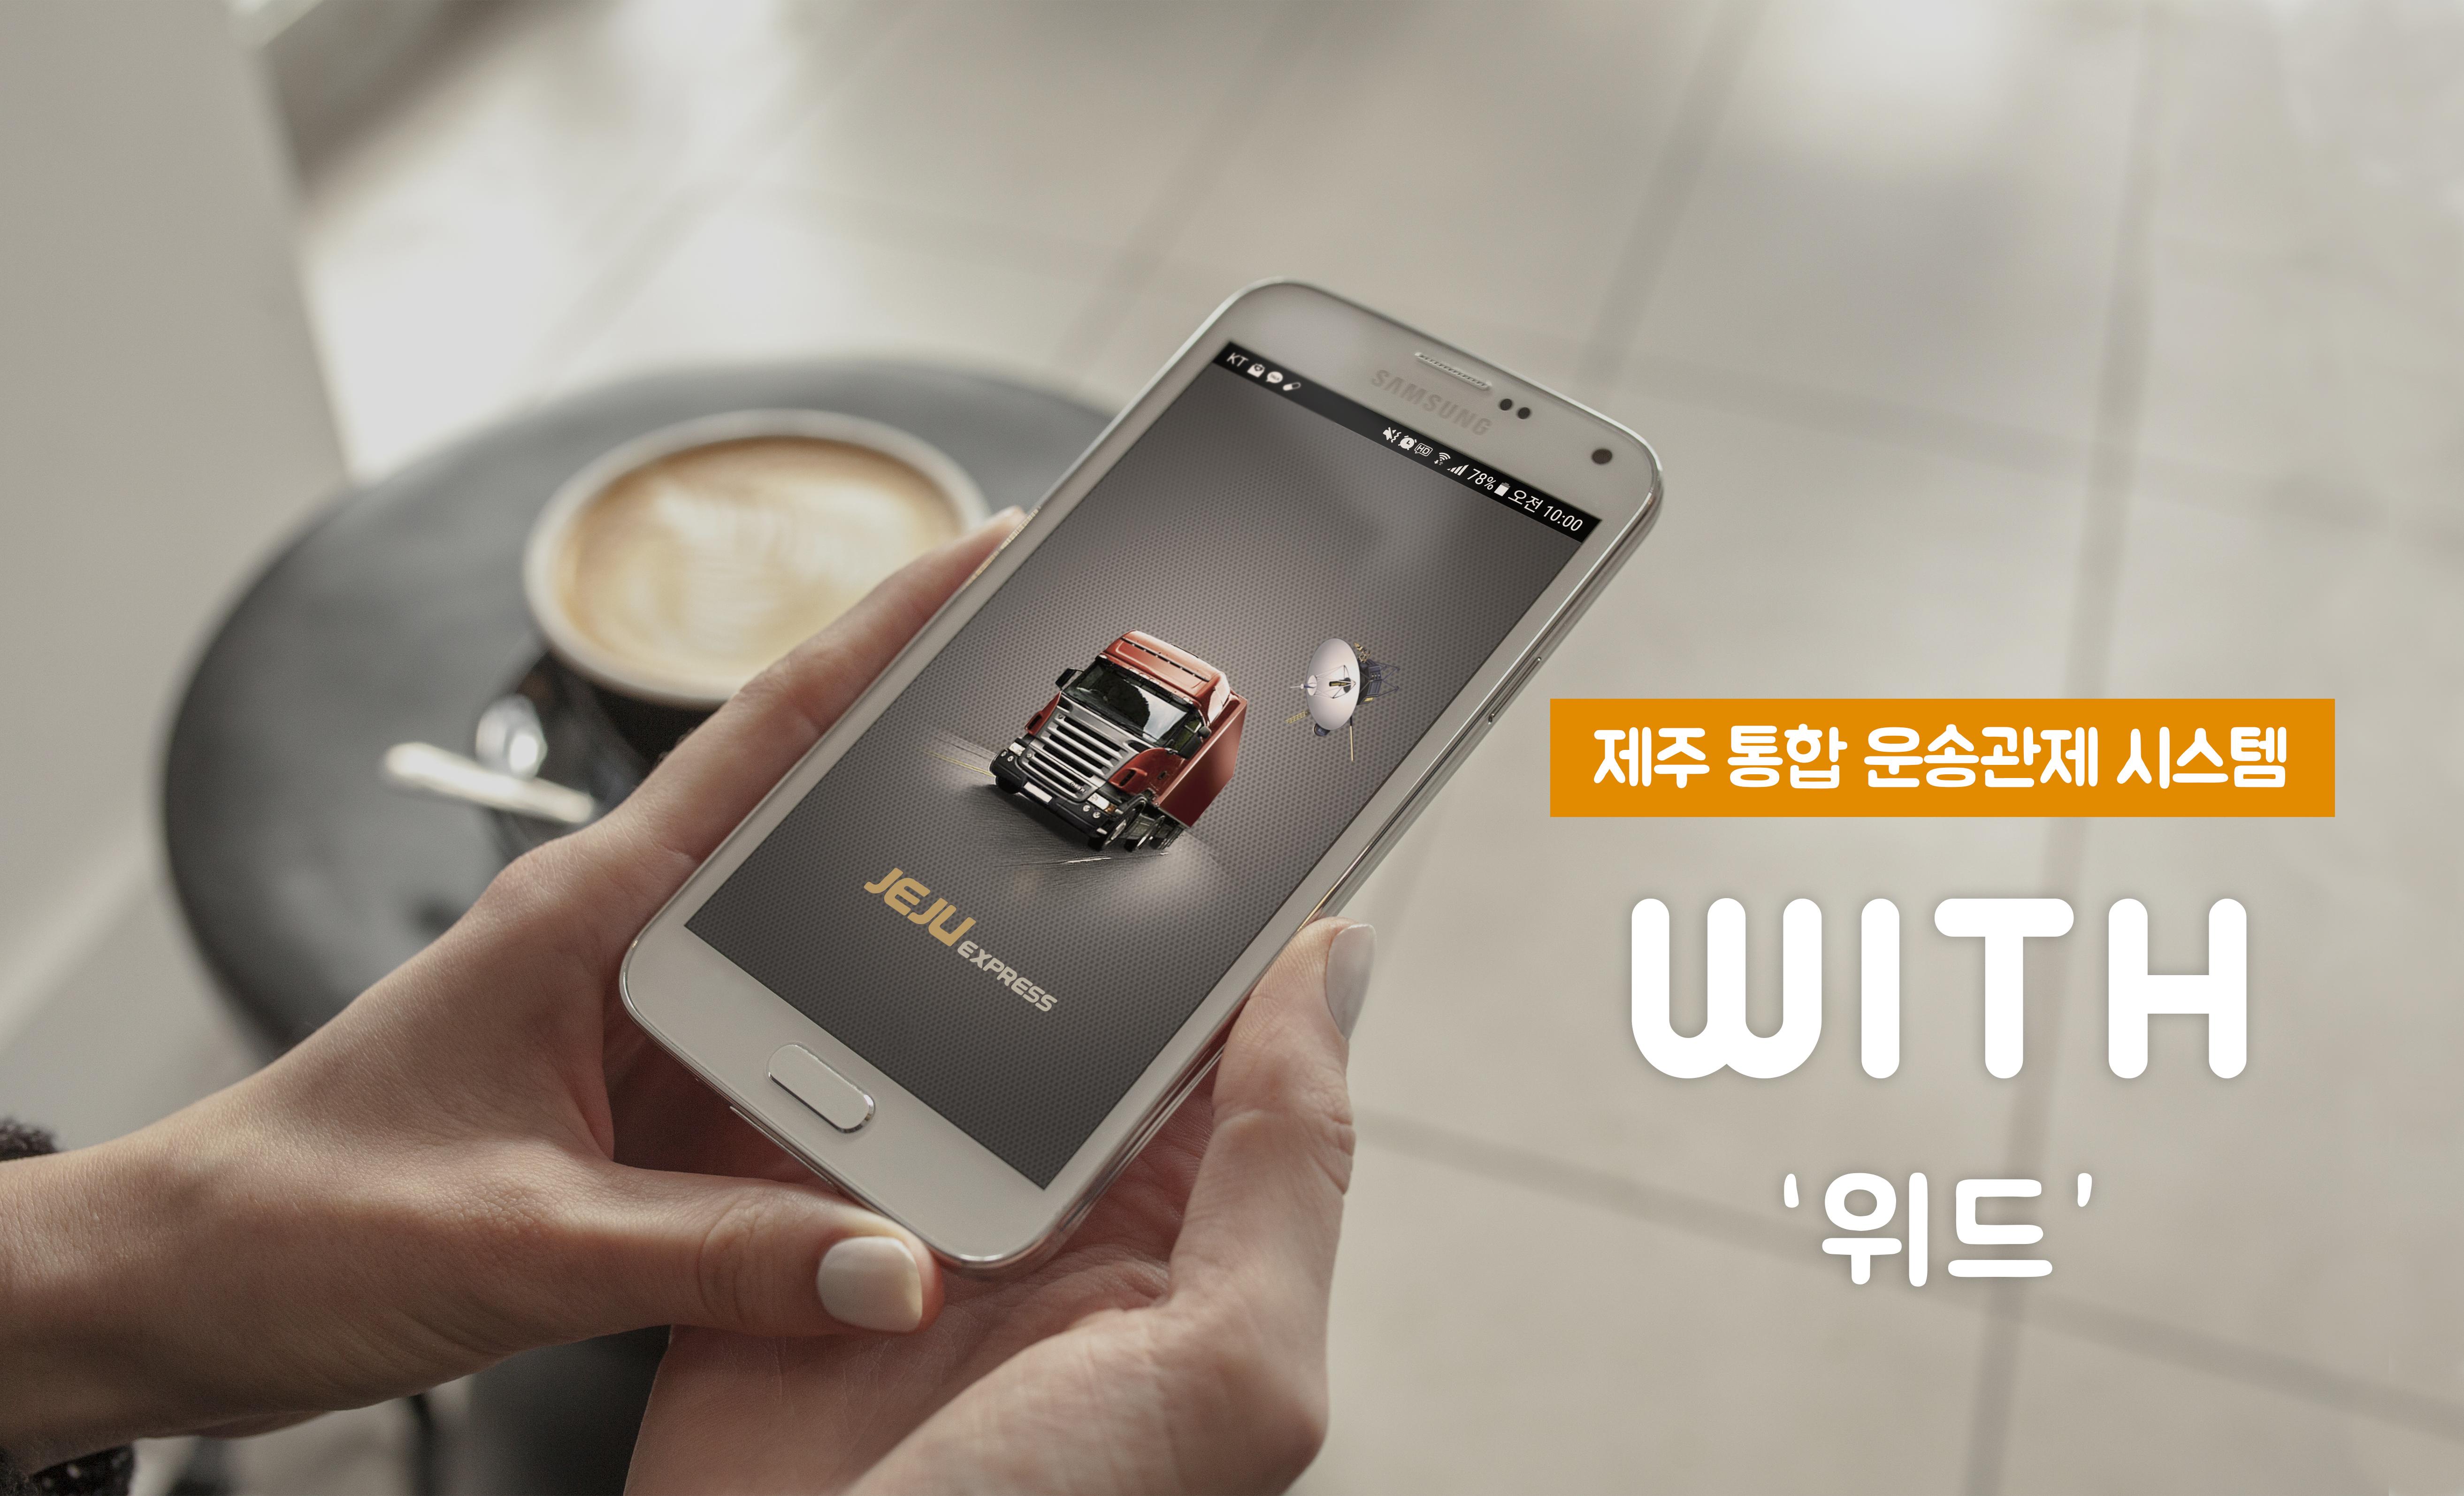 제주도 차량 탁송 통합 관제 시스템 '위드(WITH)' 베타 출시